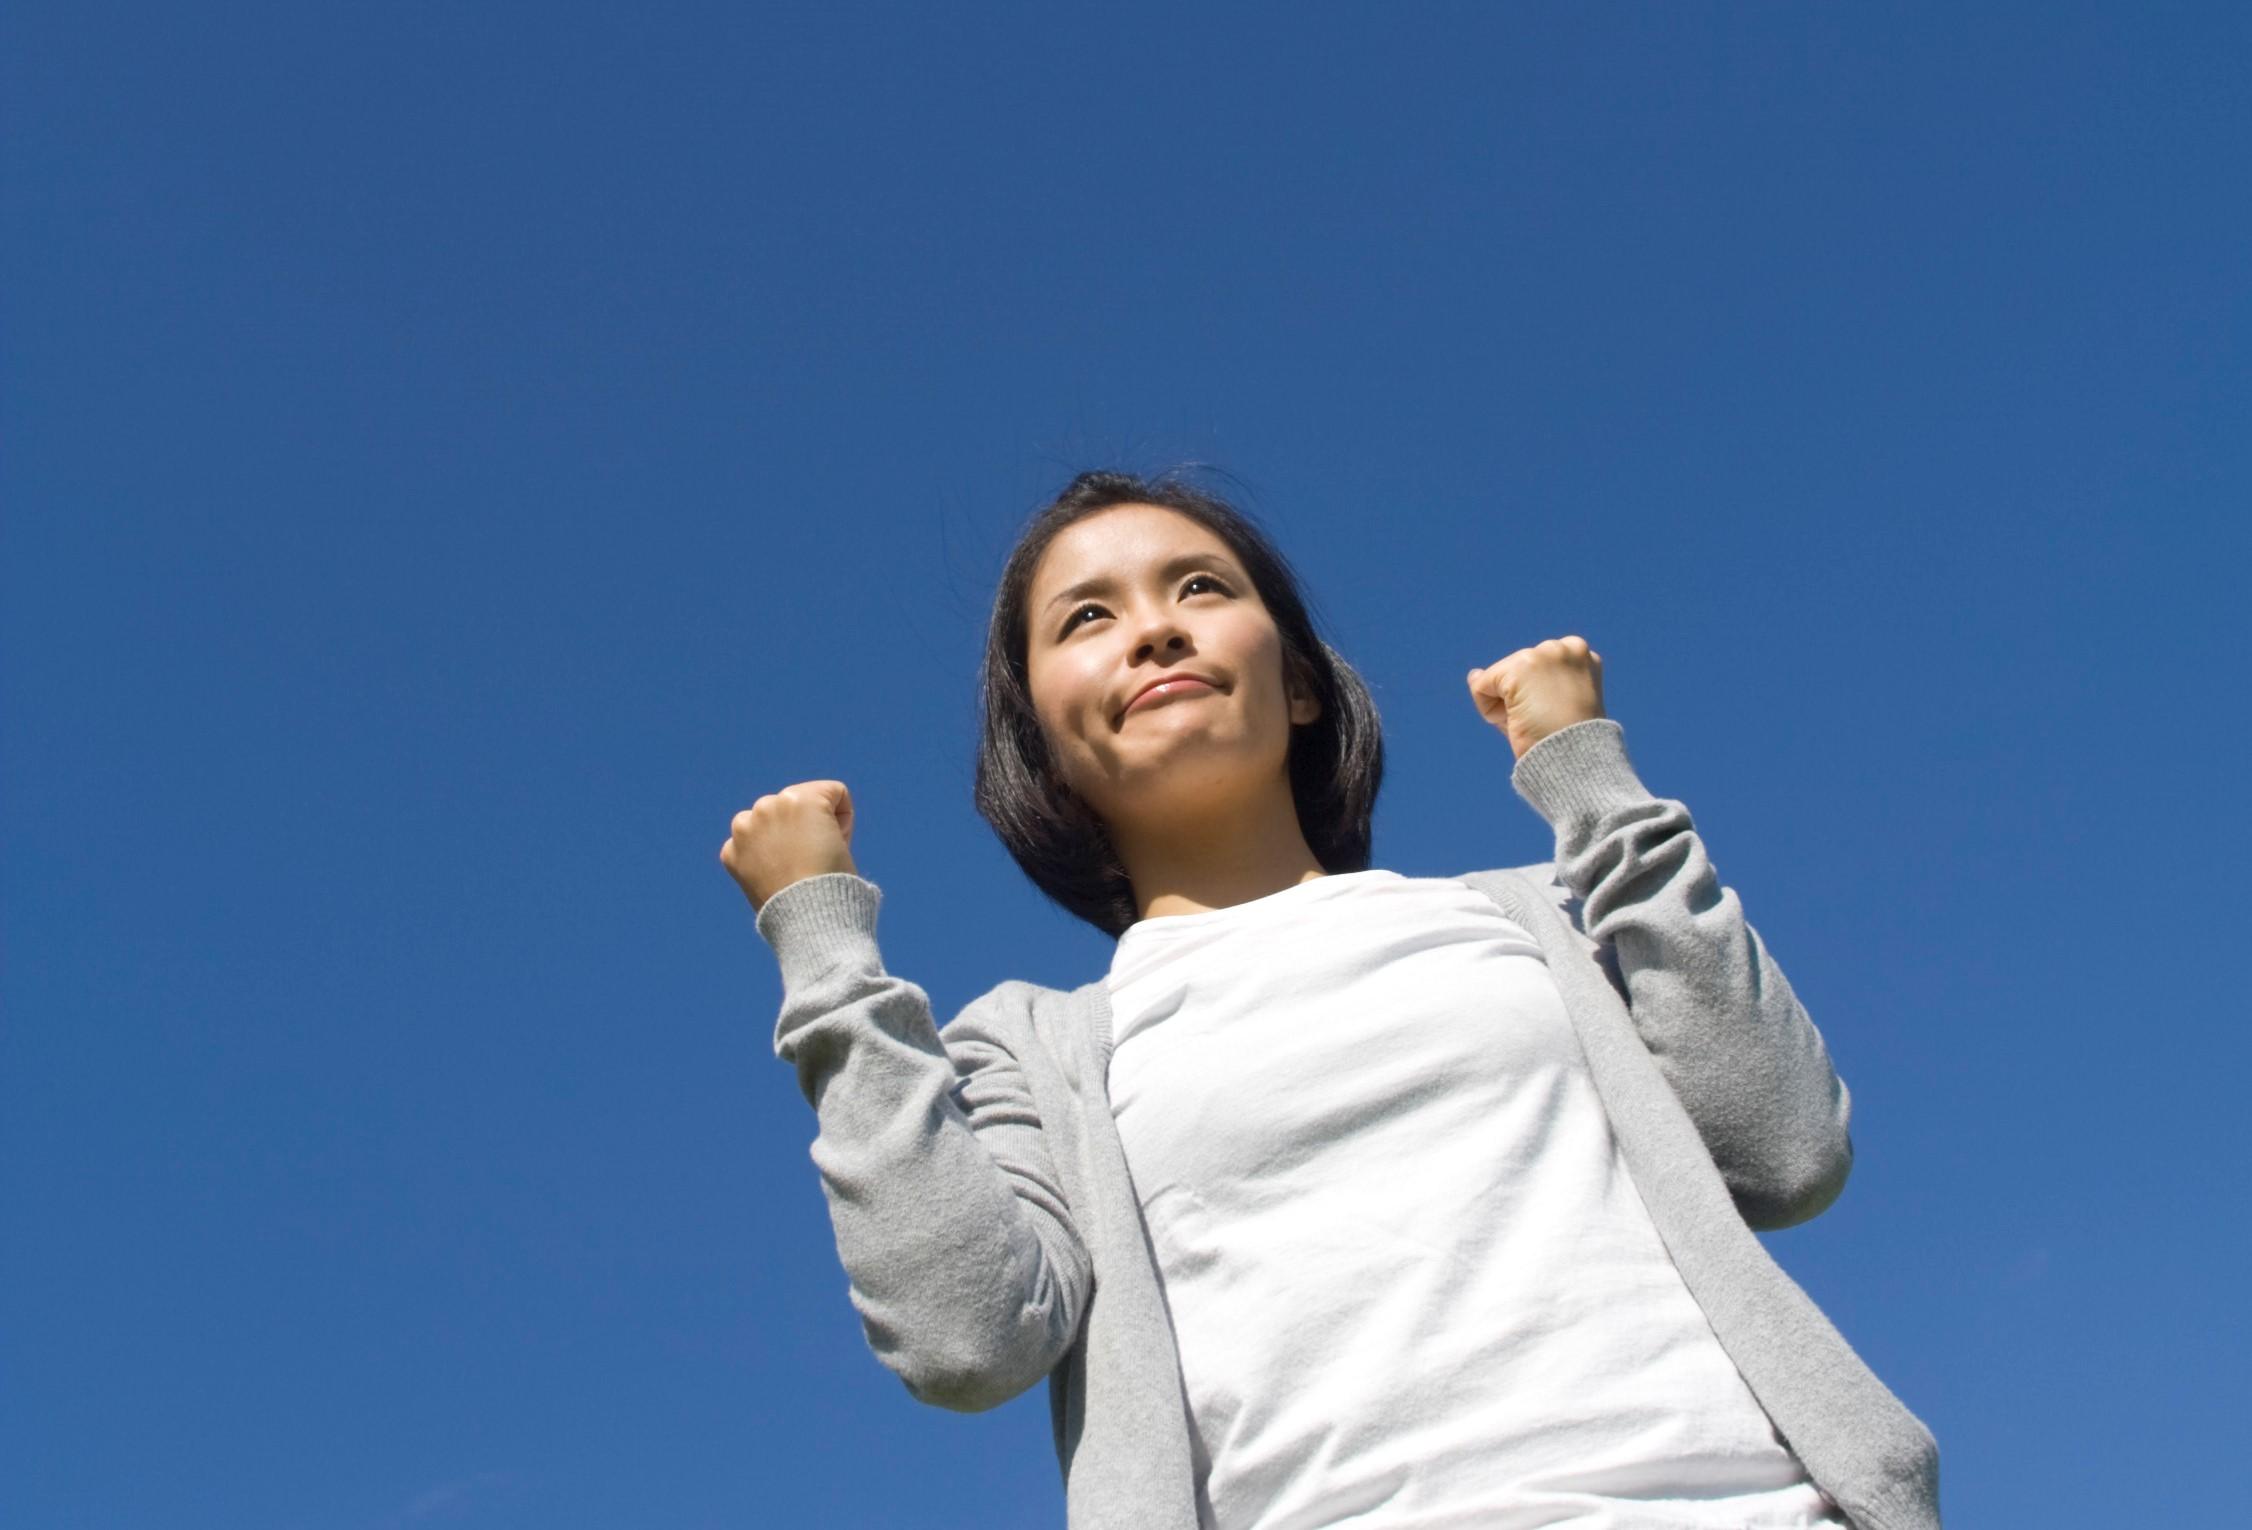 自信を持って働けるようになる方法【強みを活かそう】